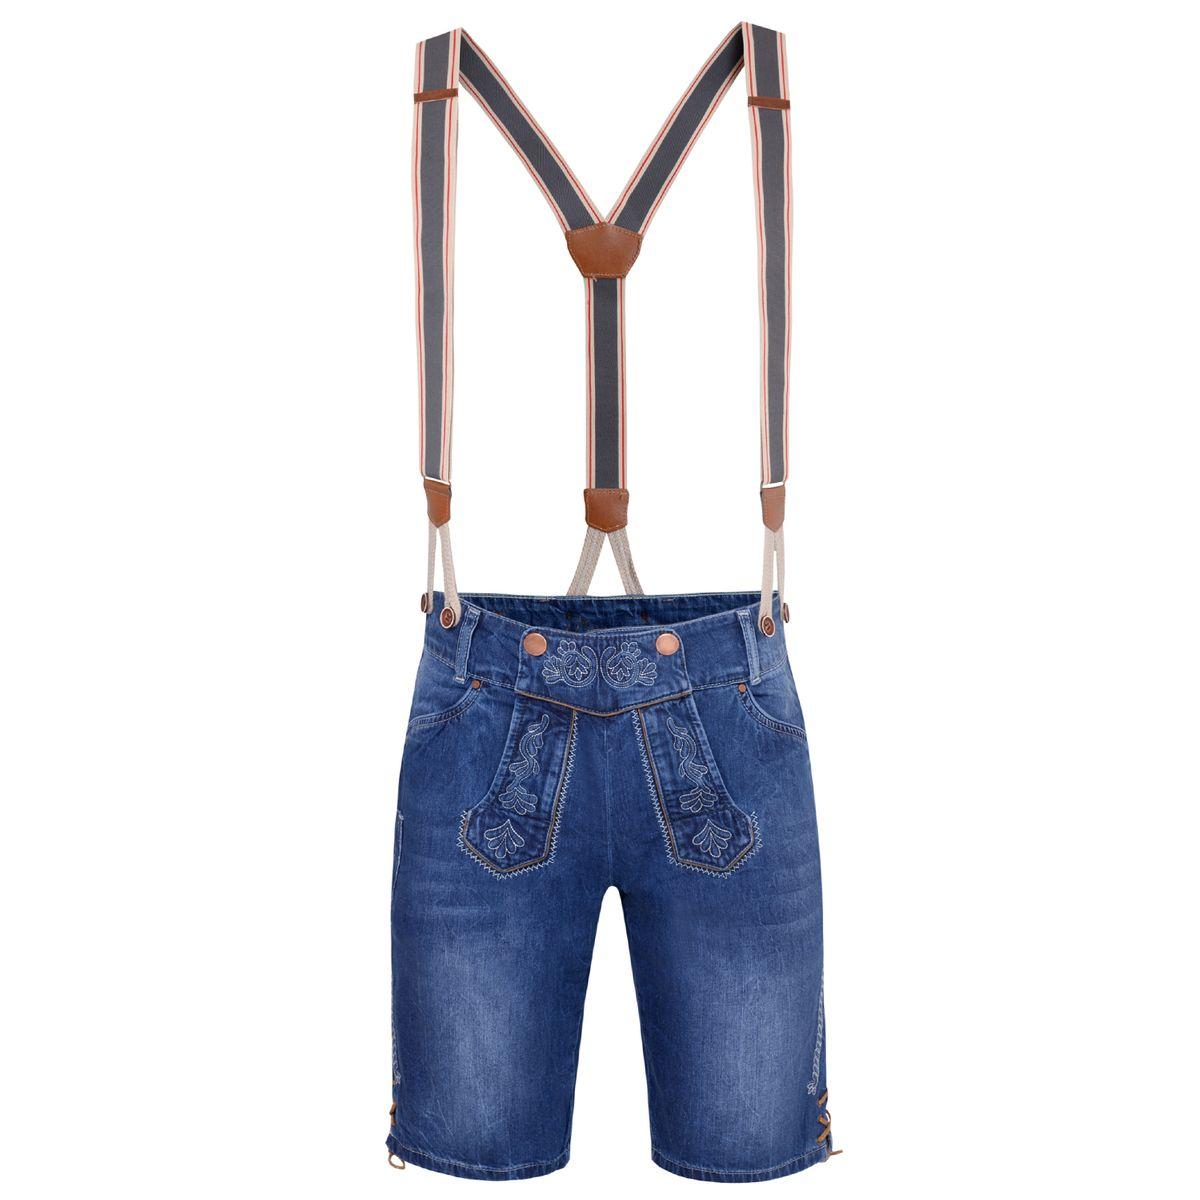 Jeans-Lederhose Lorenz in Blau von Hangowear günstig online kaufen